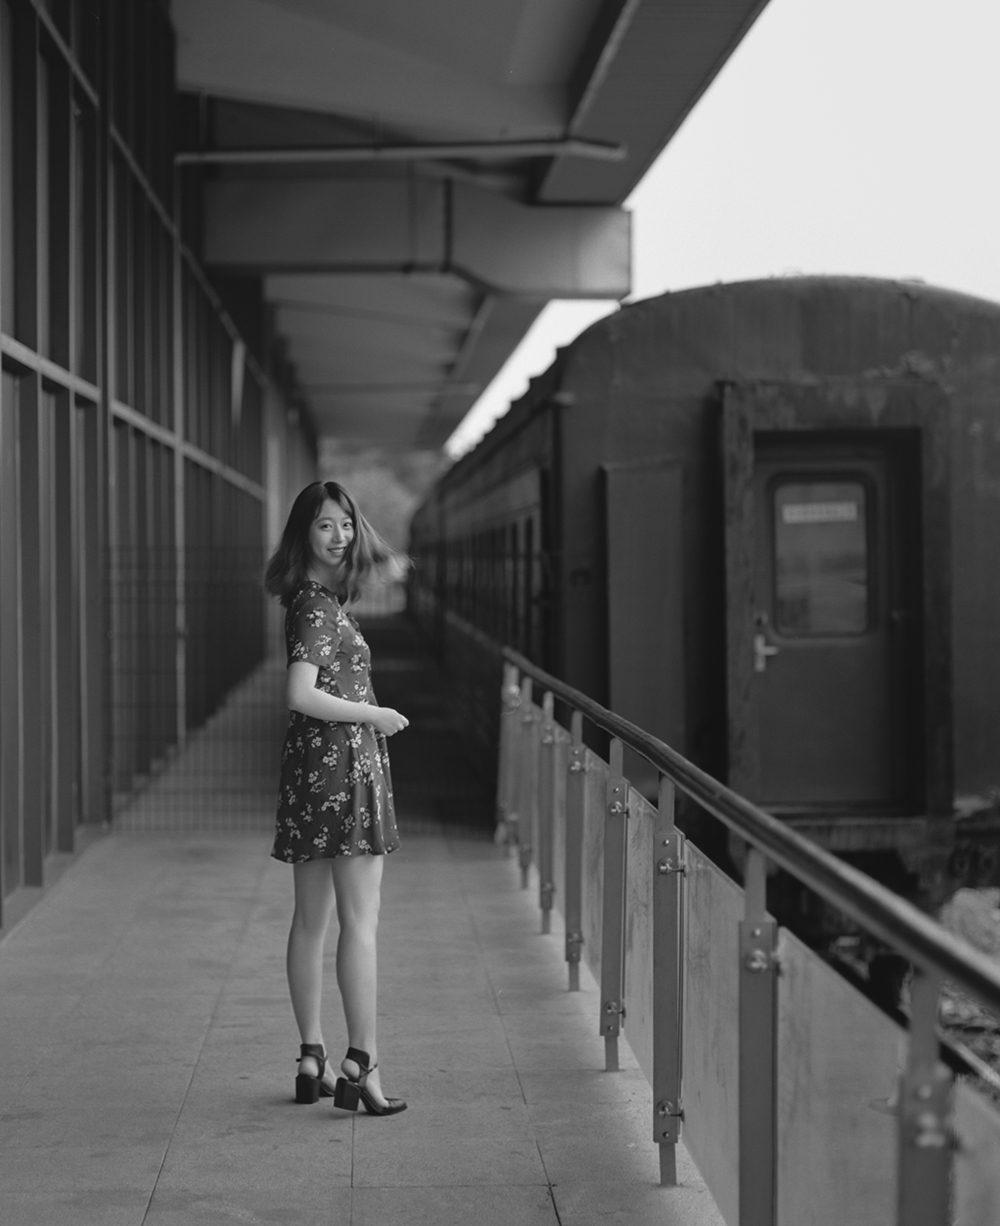 荒野风声-Winds of the Wild @ALEX是SJTU的交大喵-菲林中文-独立胶片摄影门户!